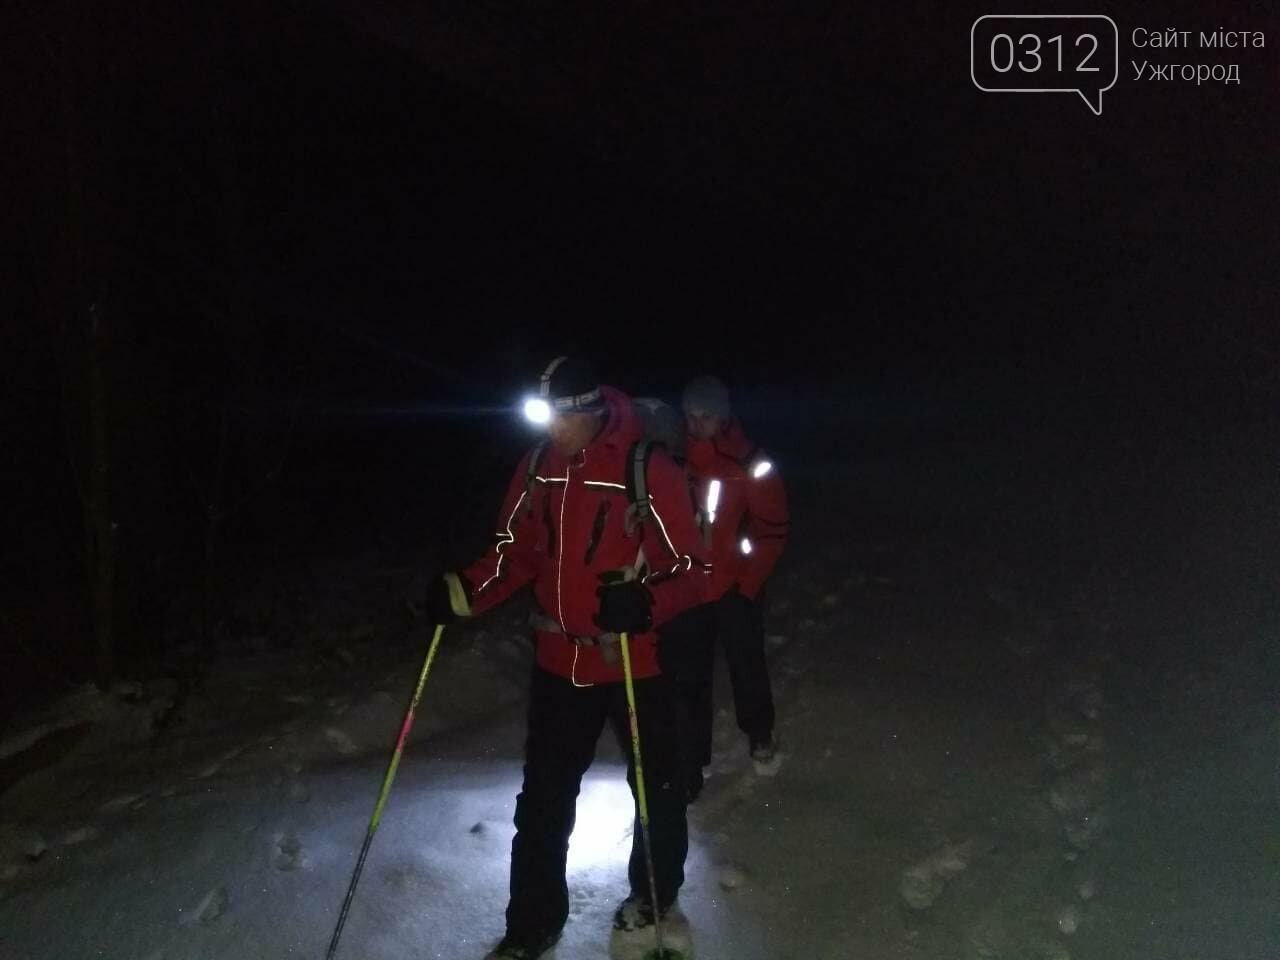 На Драгобраті під час катання на лижах заблукав 16-річний підліток (ФОТО), фото-2